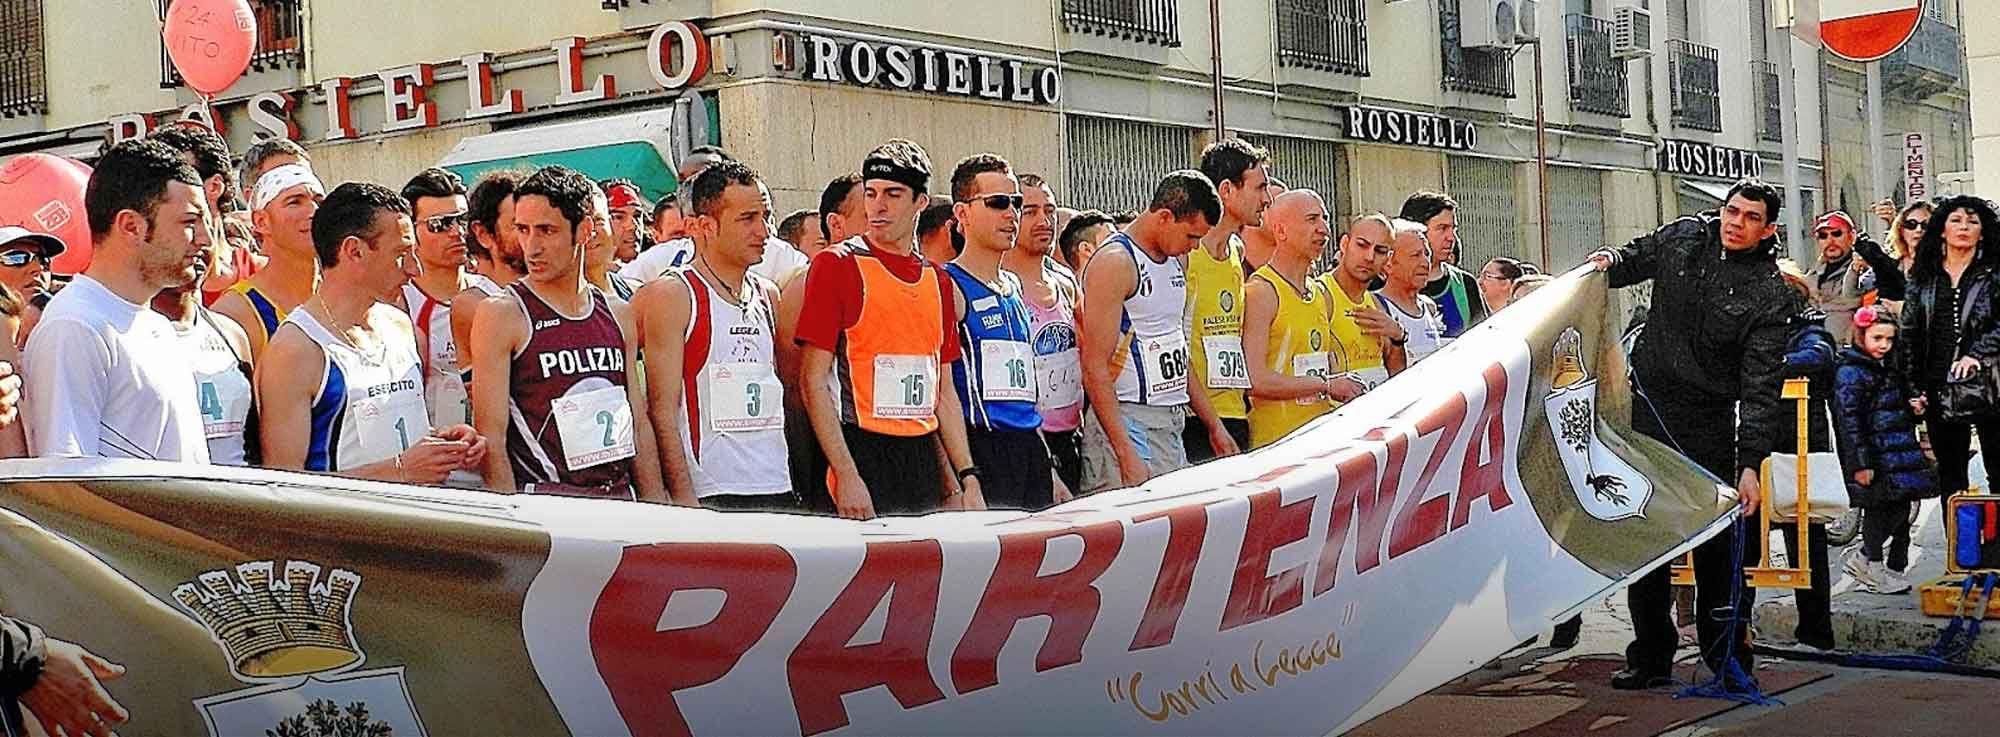 Lecce: Corri a Lecce